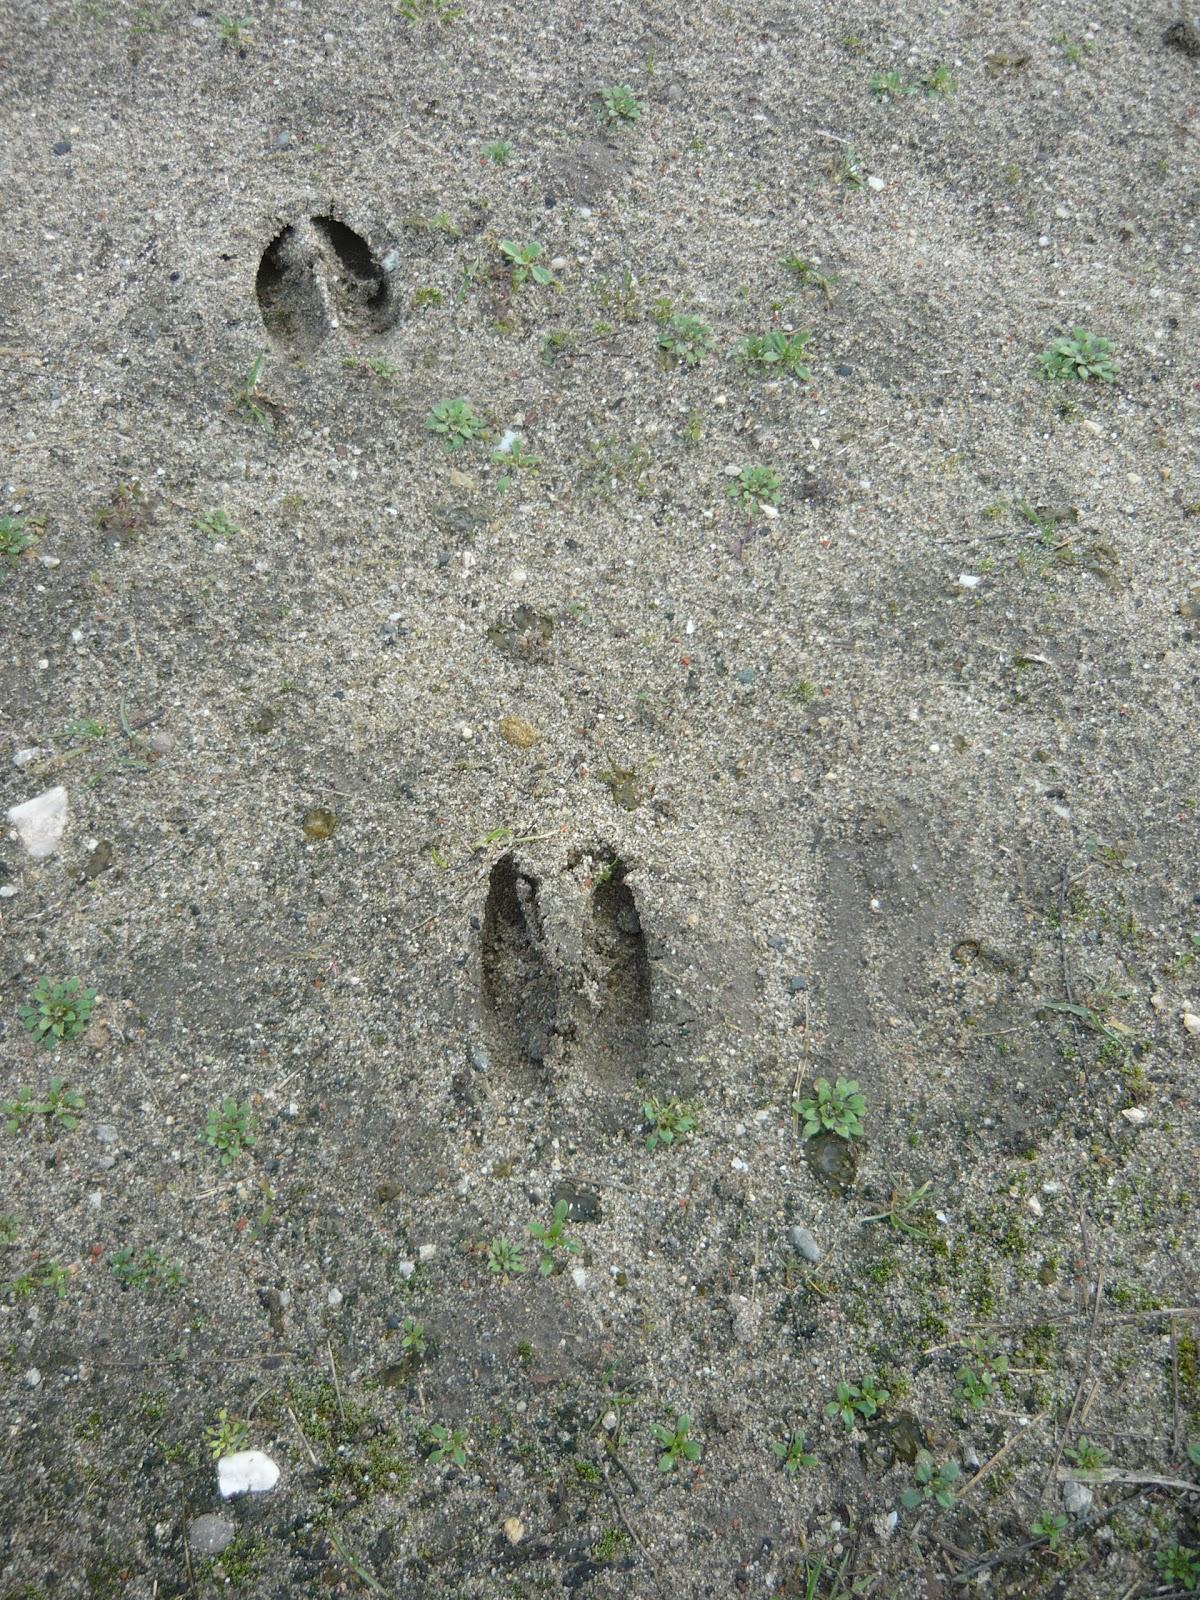 Tracks & Signs: Roe Deer Tracks